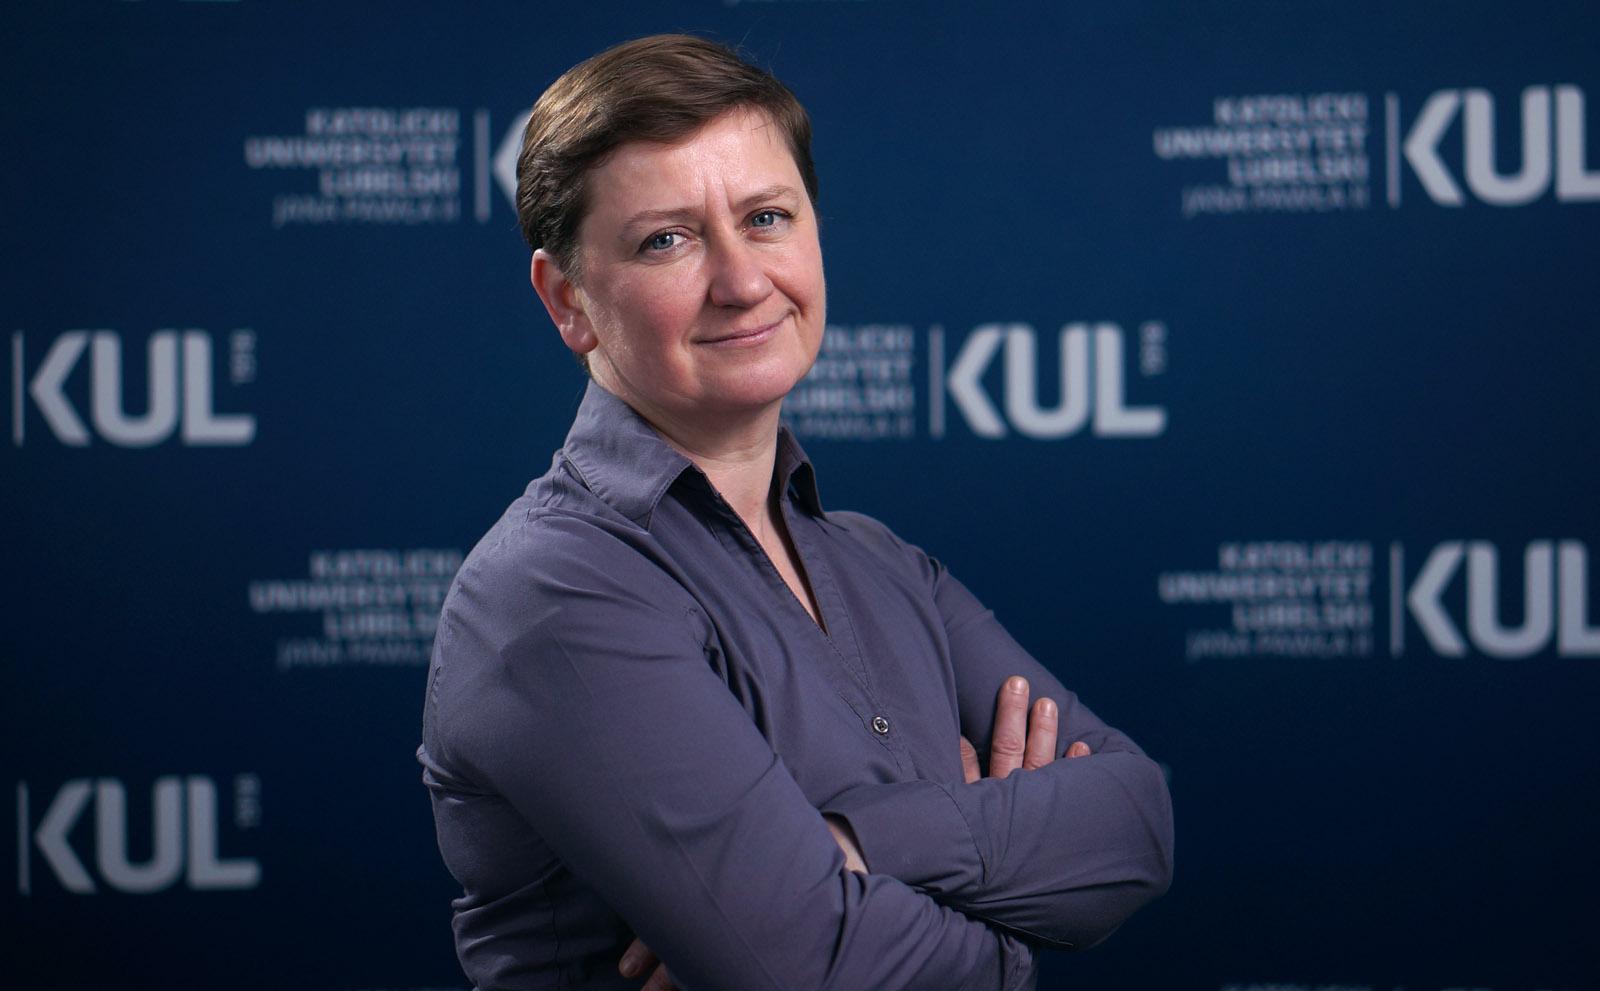 CM KUL - Anna Swęda